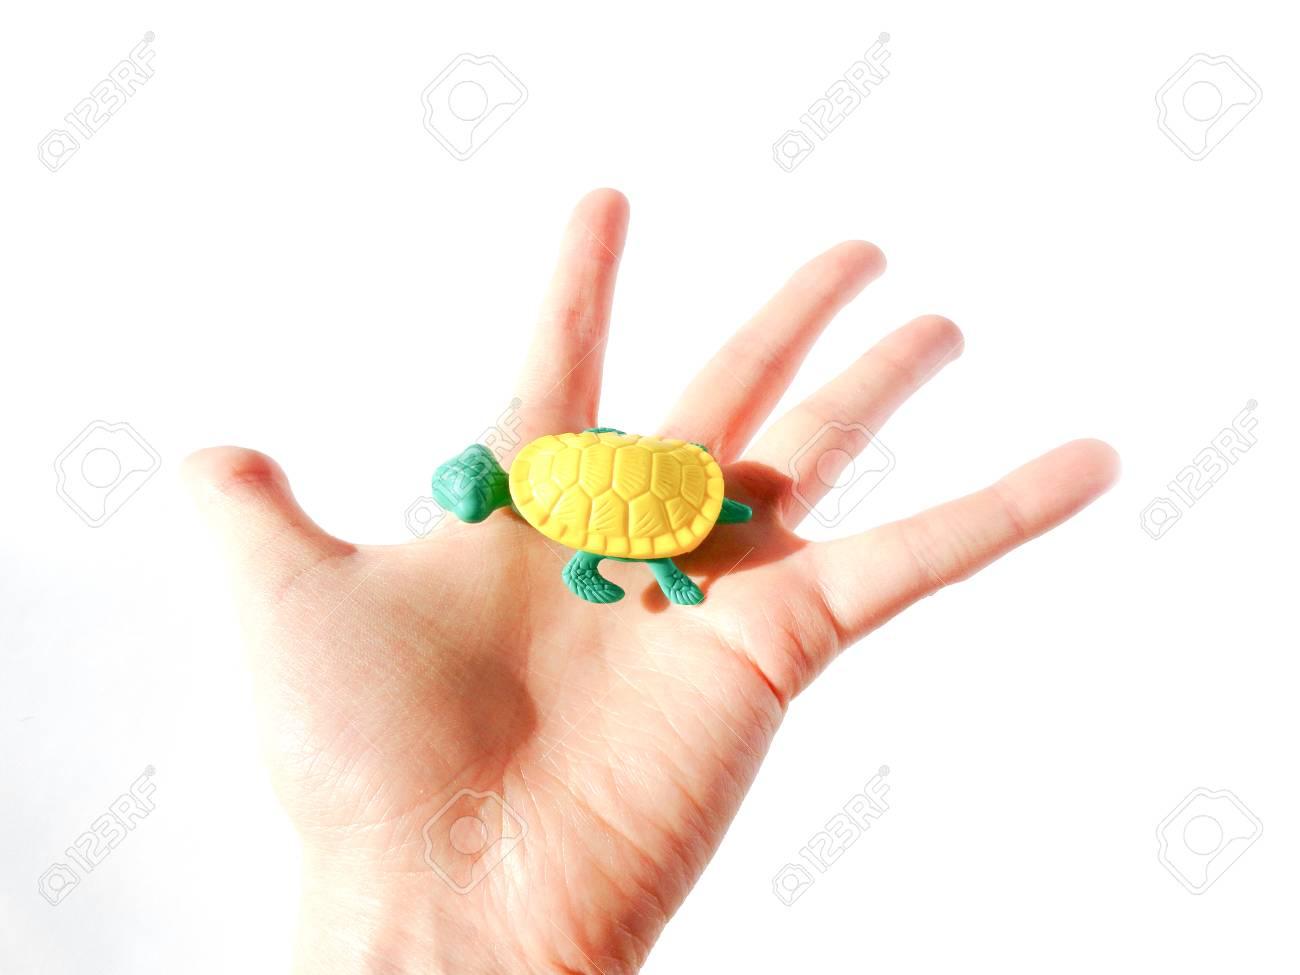 赤ちゃんの小さなおもちゃ 面白いおもちゃです 子どもの発達 白地 の写真素材 画像素材 Image